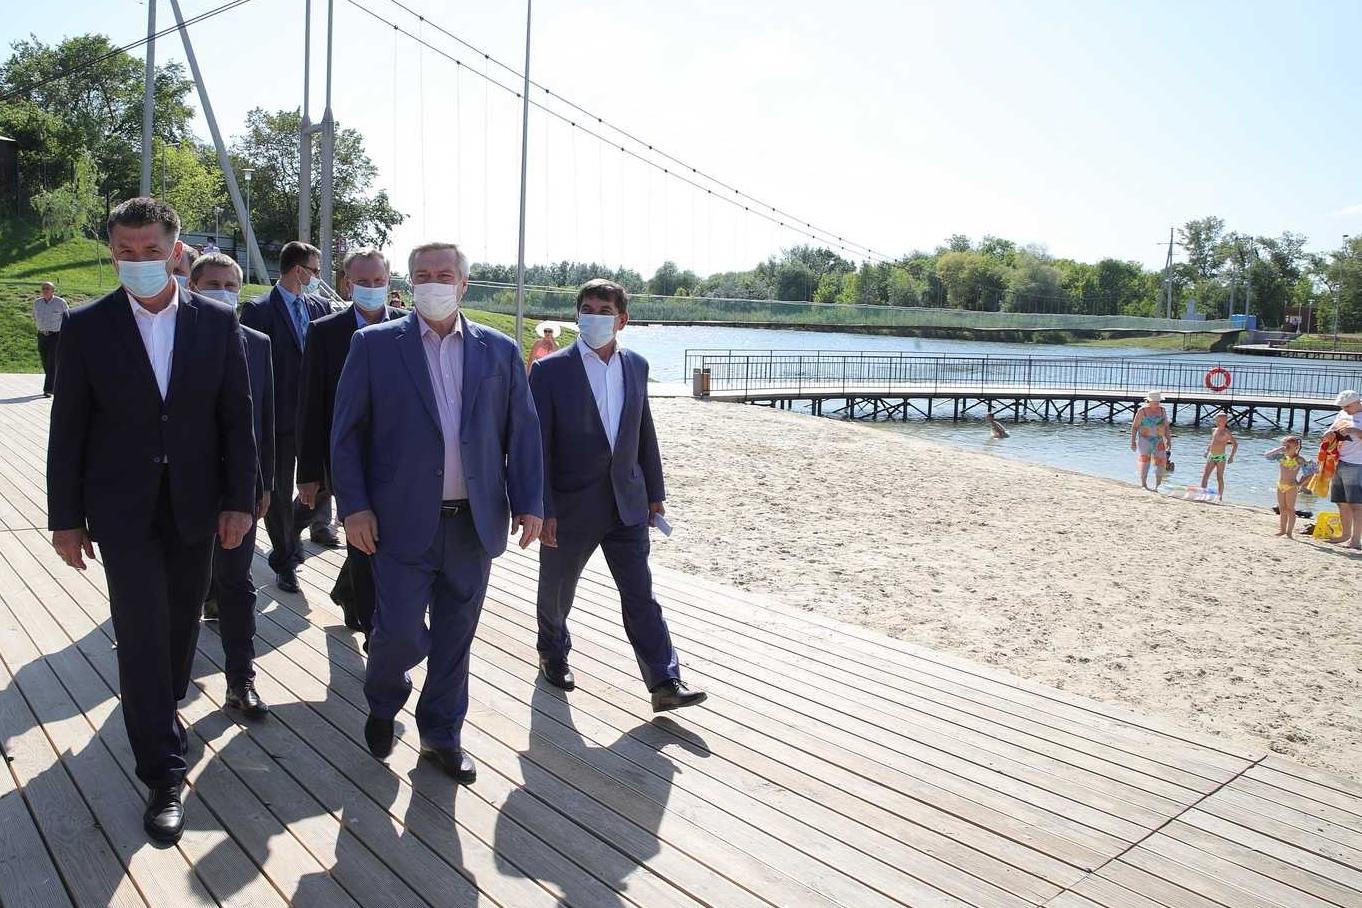 Василий Голубев: «Комплексное развитие сельских территорий требует межведомственного взаимодействия»